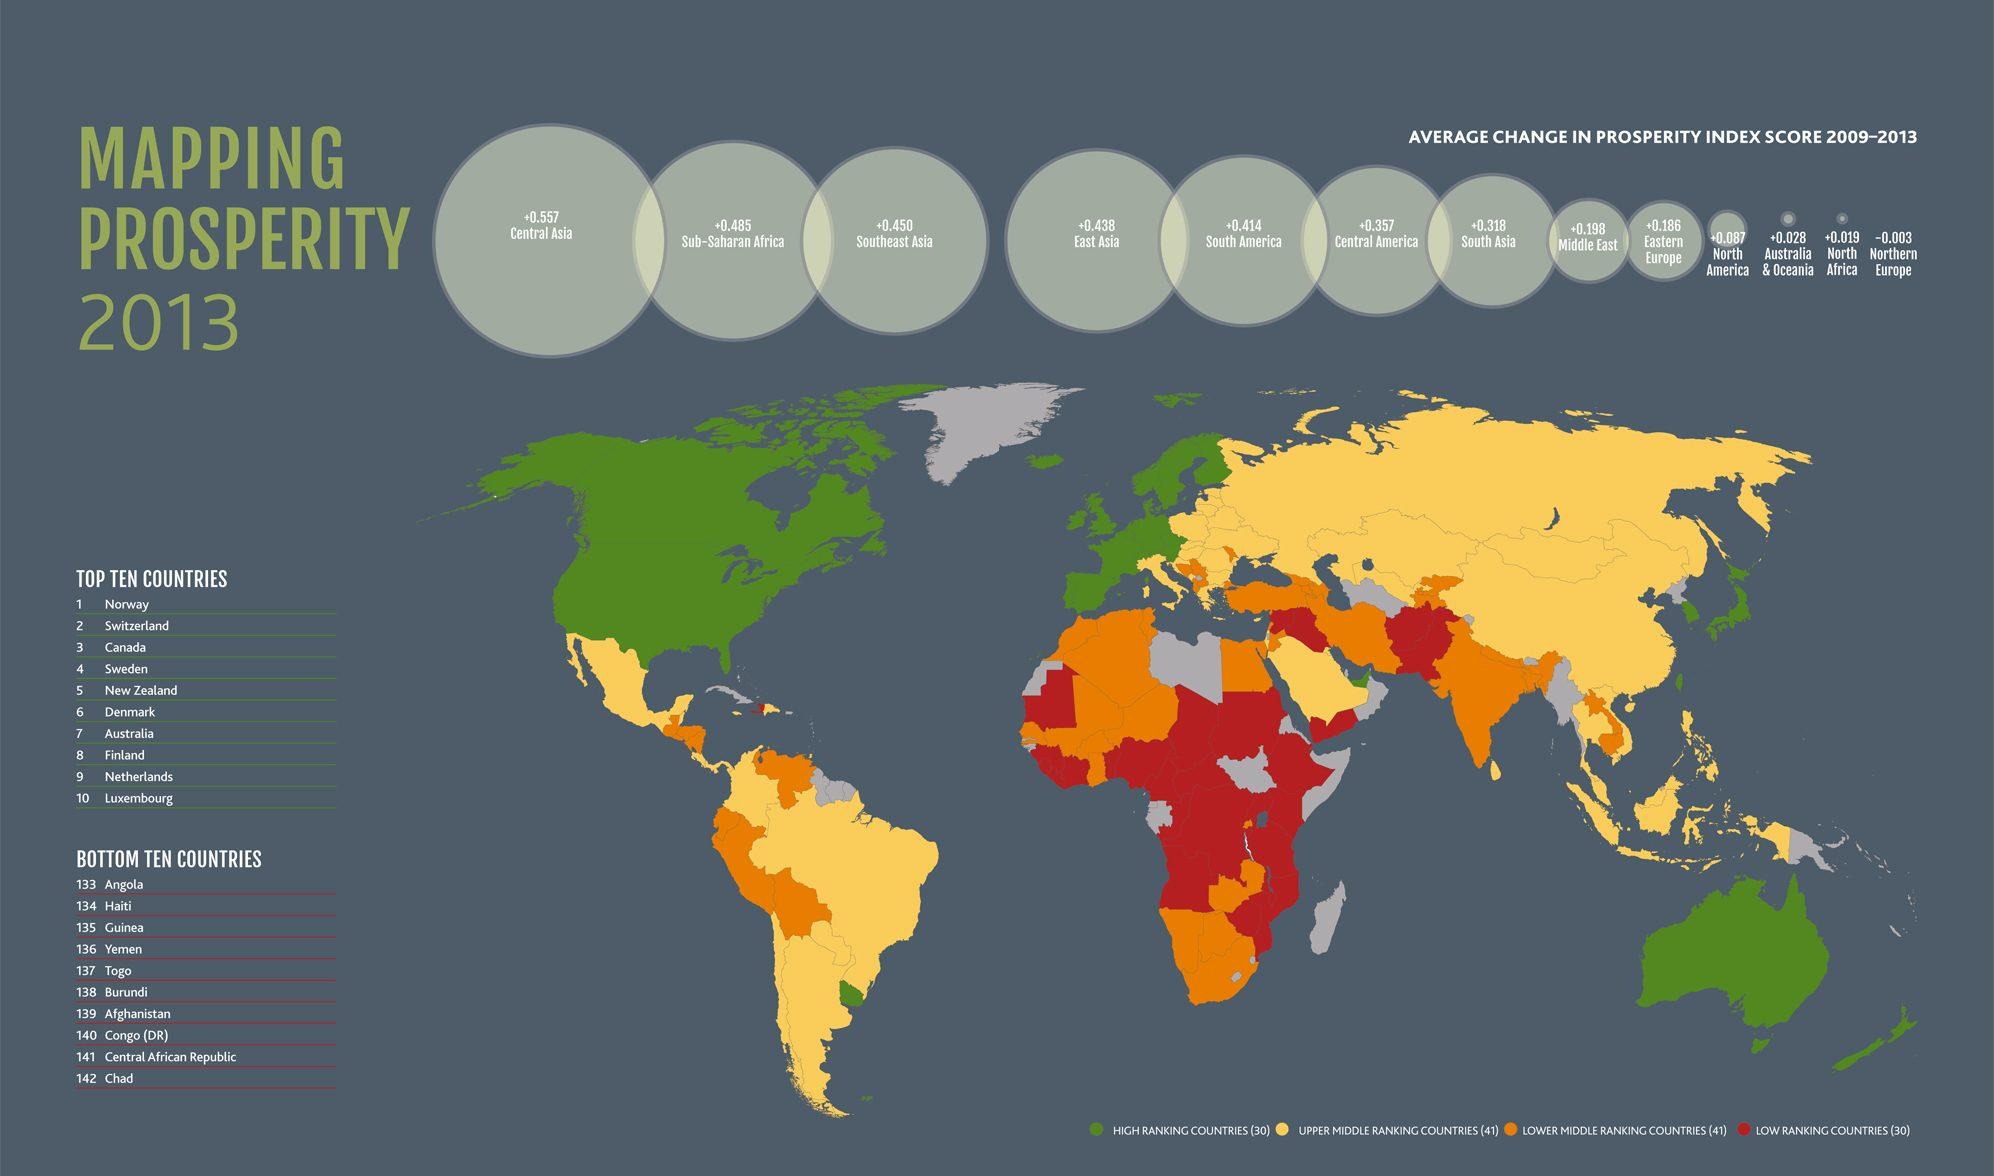 Trovare Lavoro In Costa Rica indice del benessere: italia ultima in europa e nel mondo